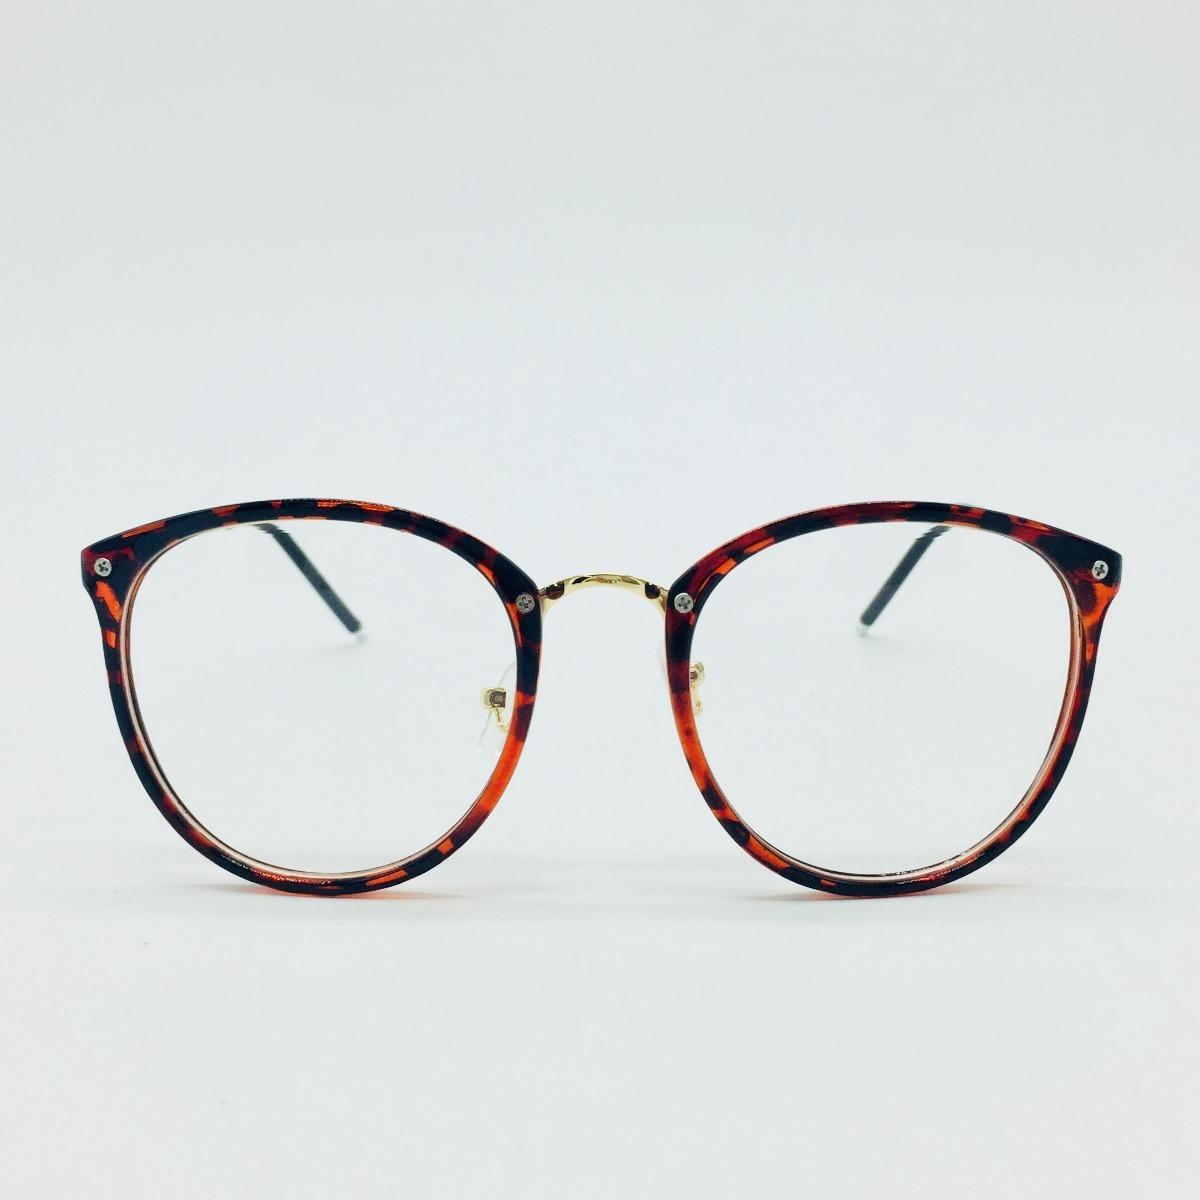 9e0403273 oculos de grau feminino armação em acetato geek vintage gato. Carregando  zoom.